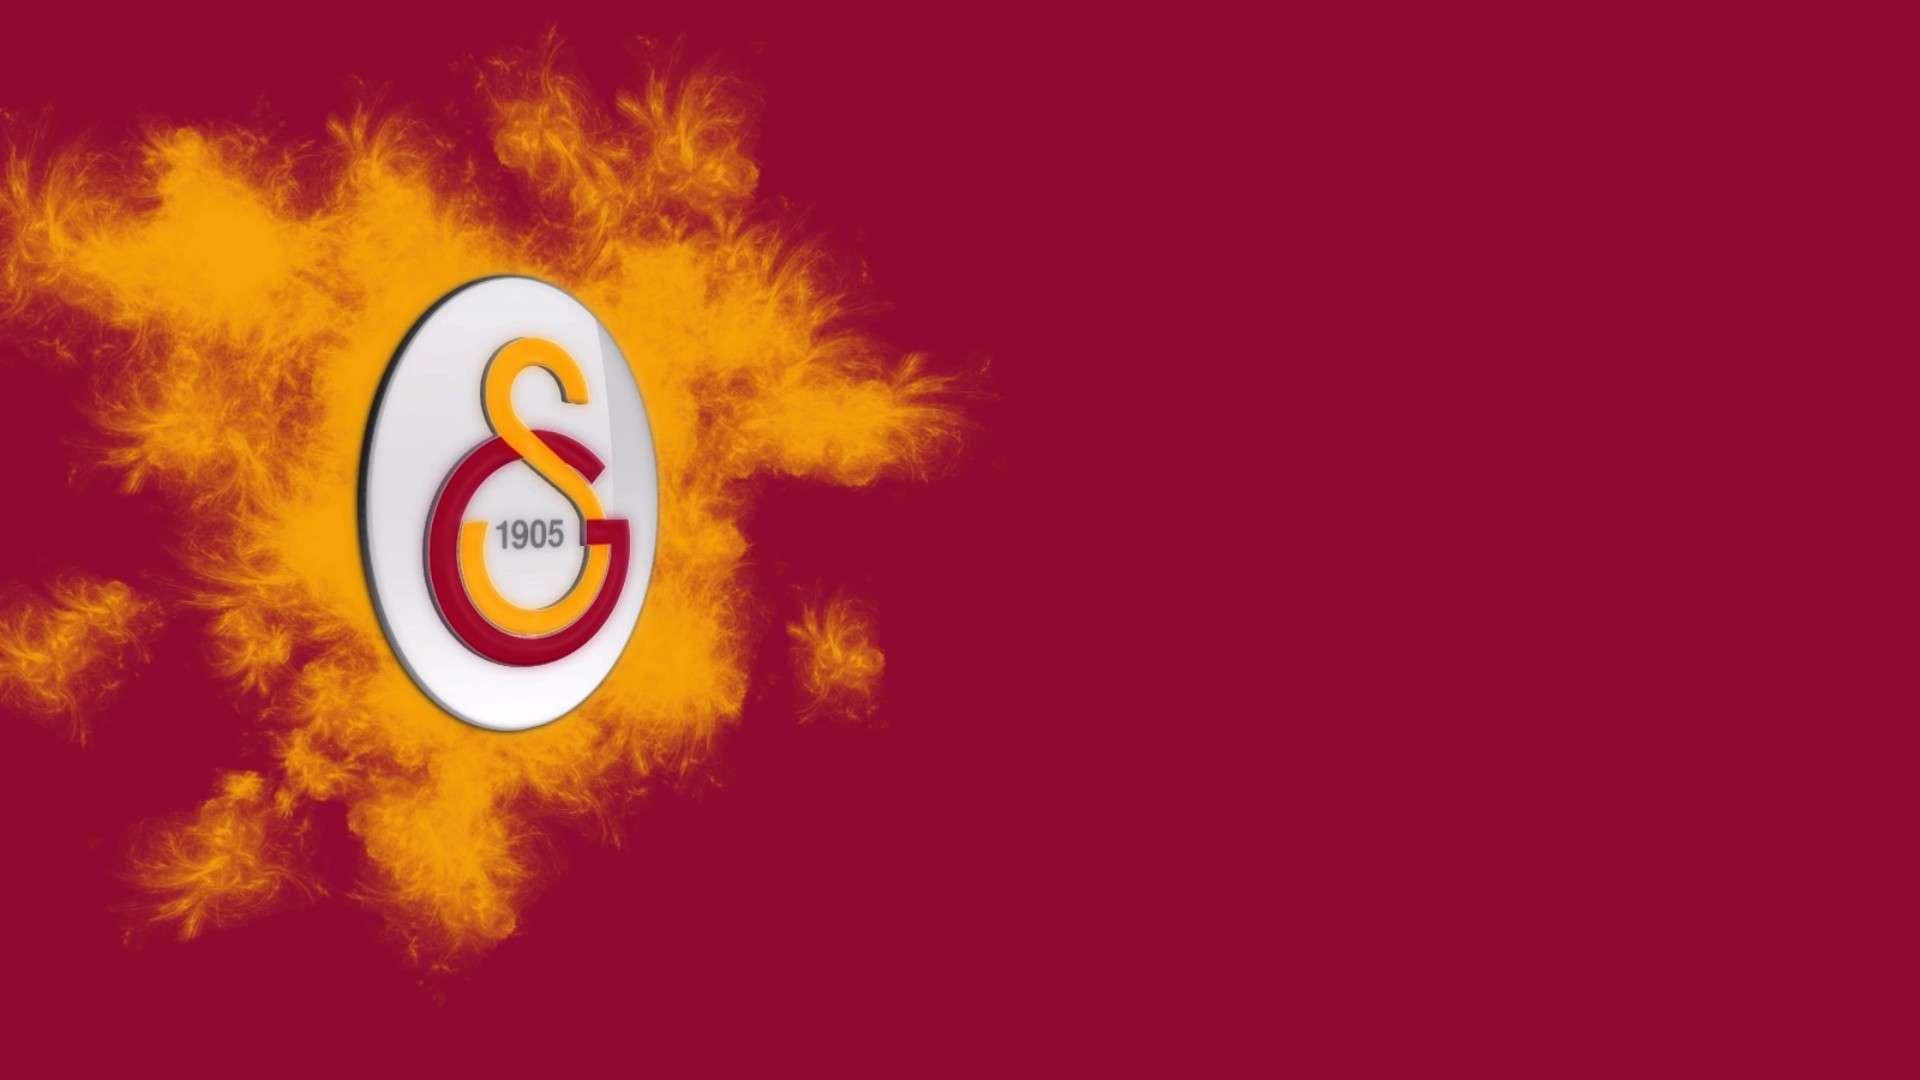 GS Galatasaray Futbol Takımı Wallpaper 27